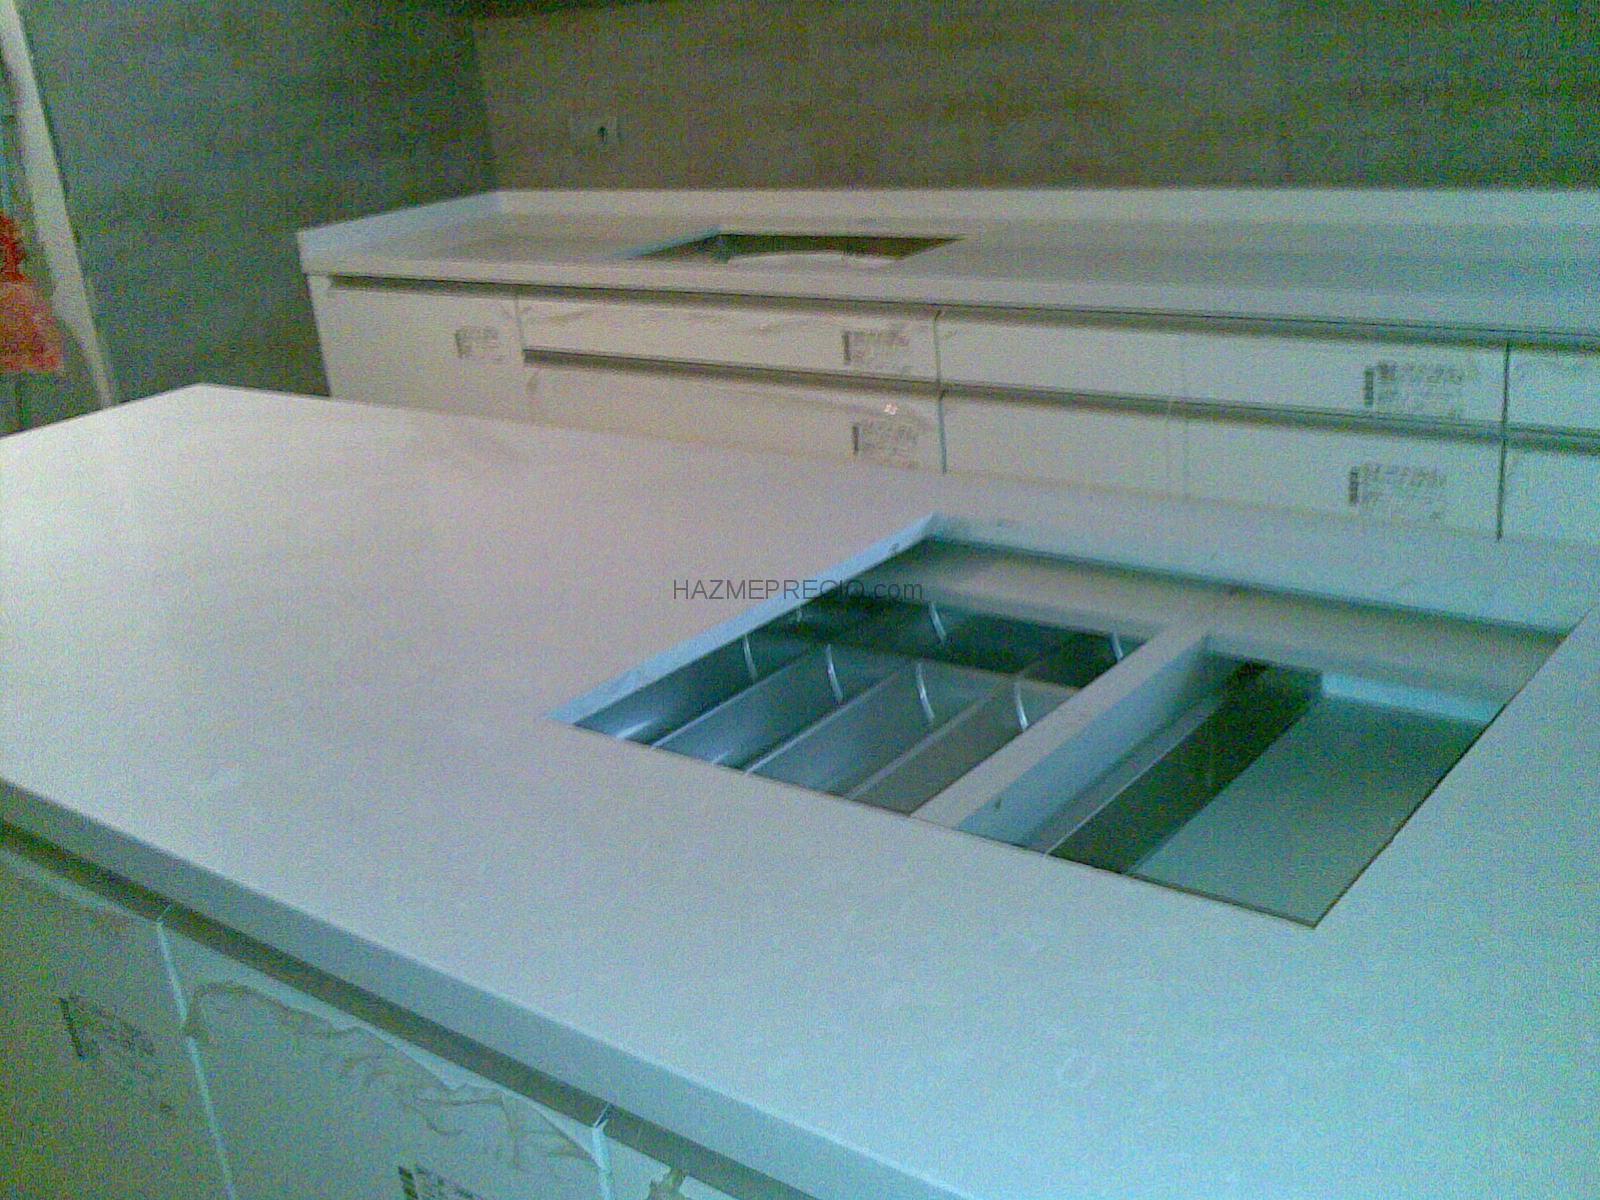 Bancada cocina en quarzo compac blanco absoluto - Bancadas de cocina ...